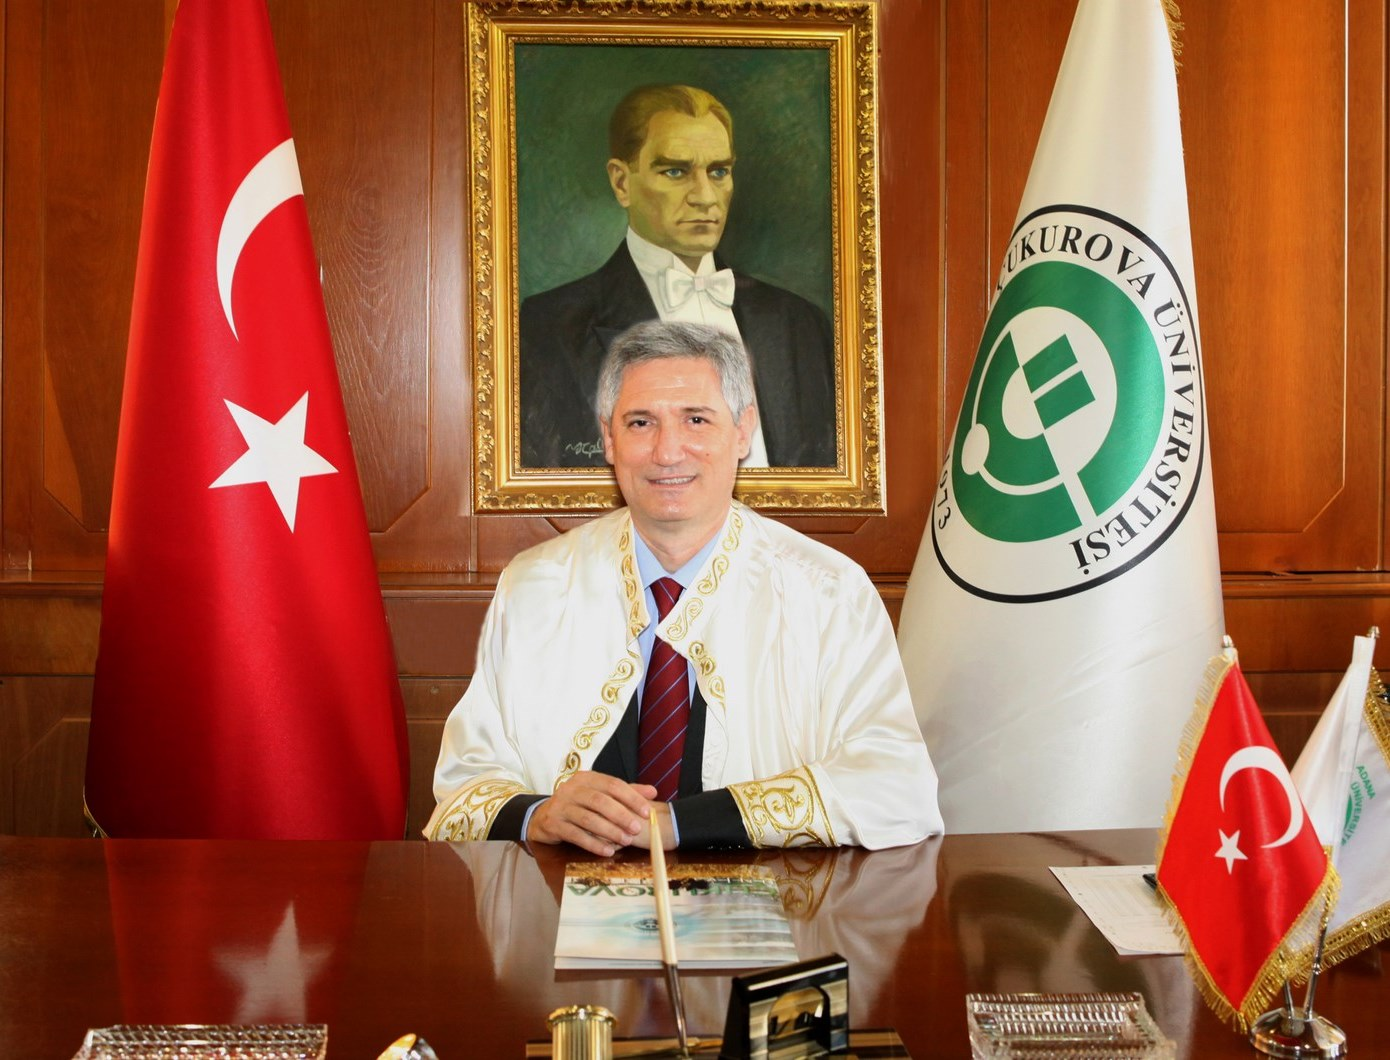 Çukurova Üniversitesi Türkiye'nin En Çevreci Üniversitelerinden Biri İlan Edildi.